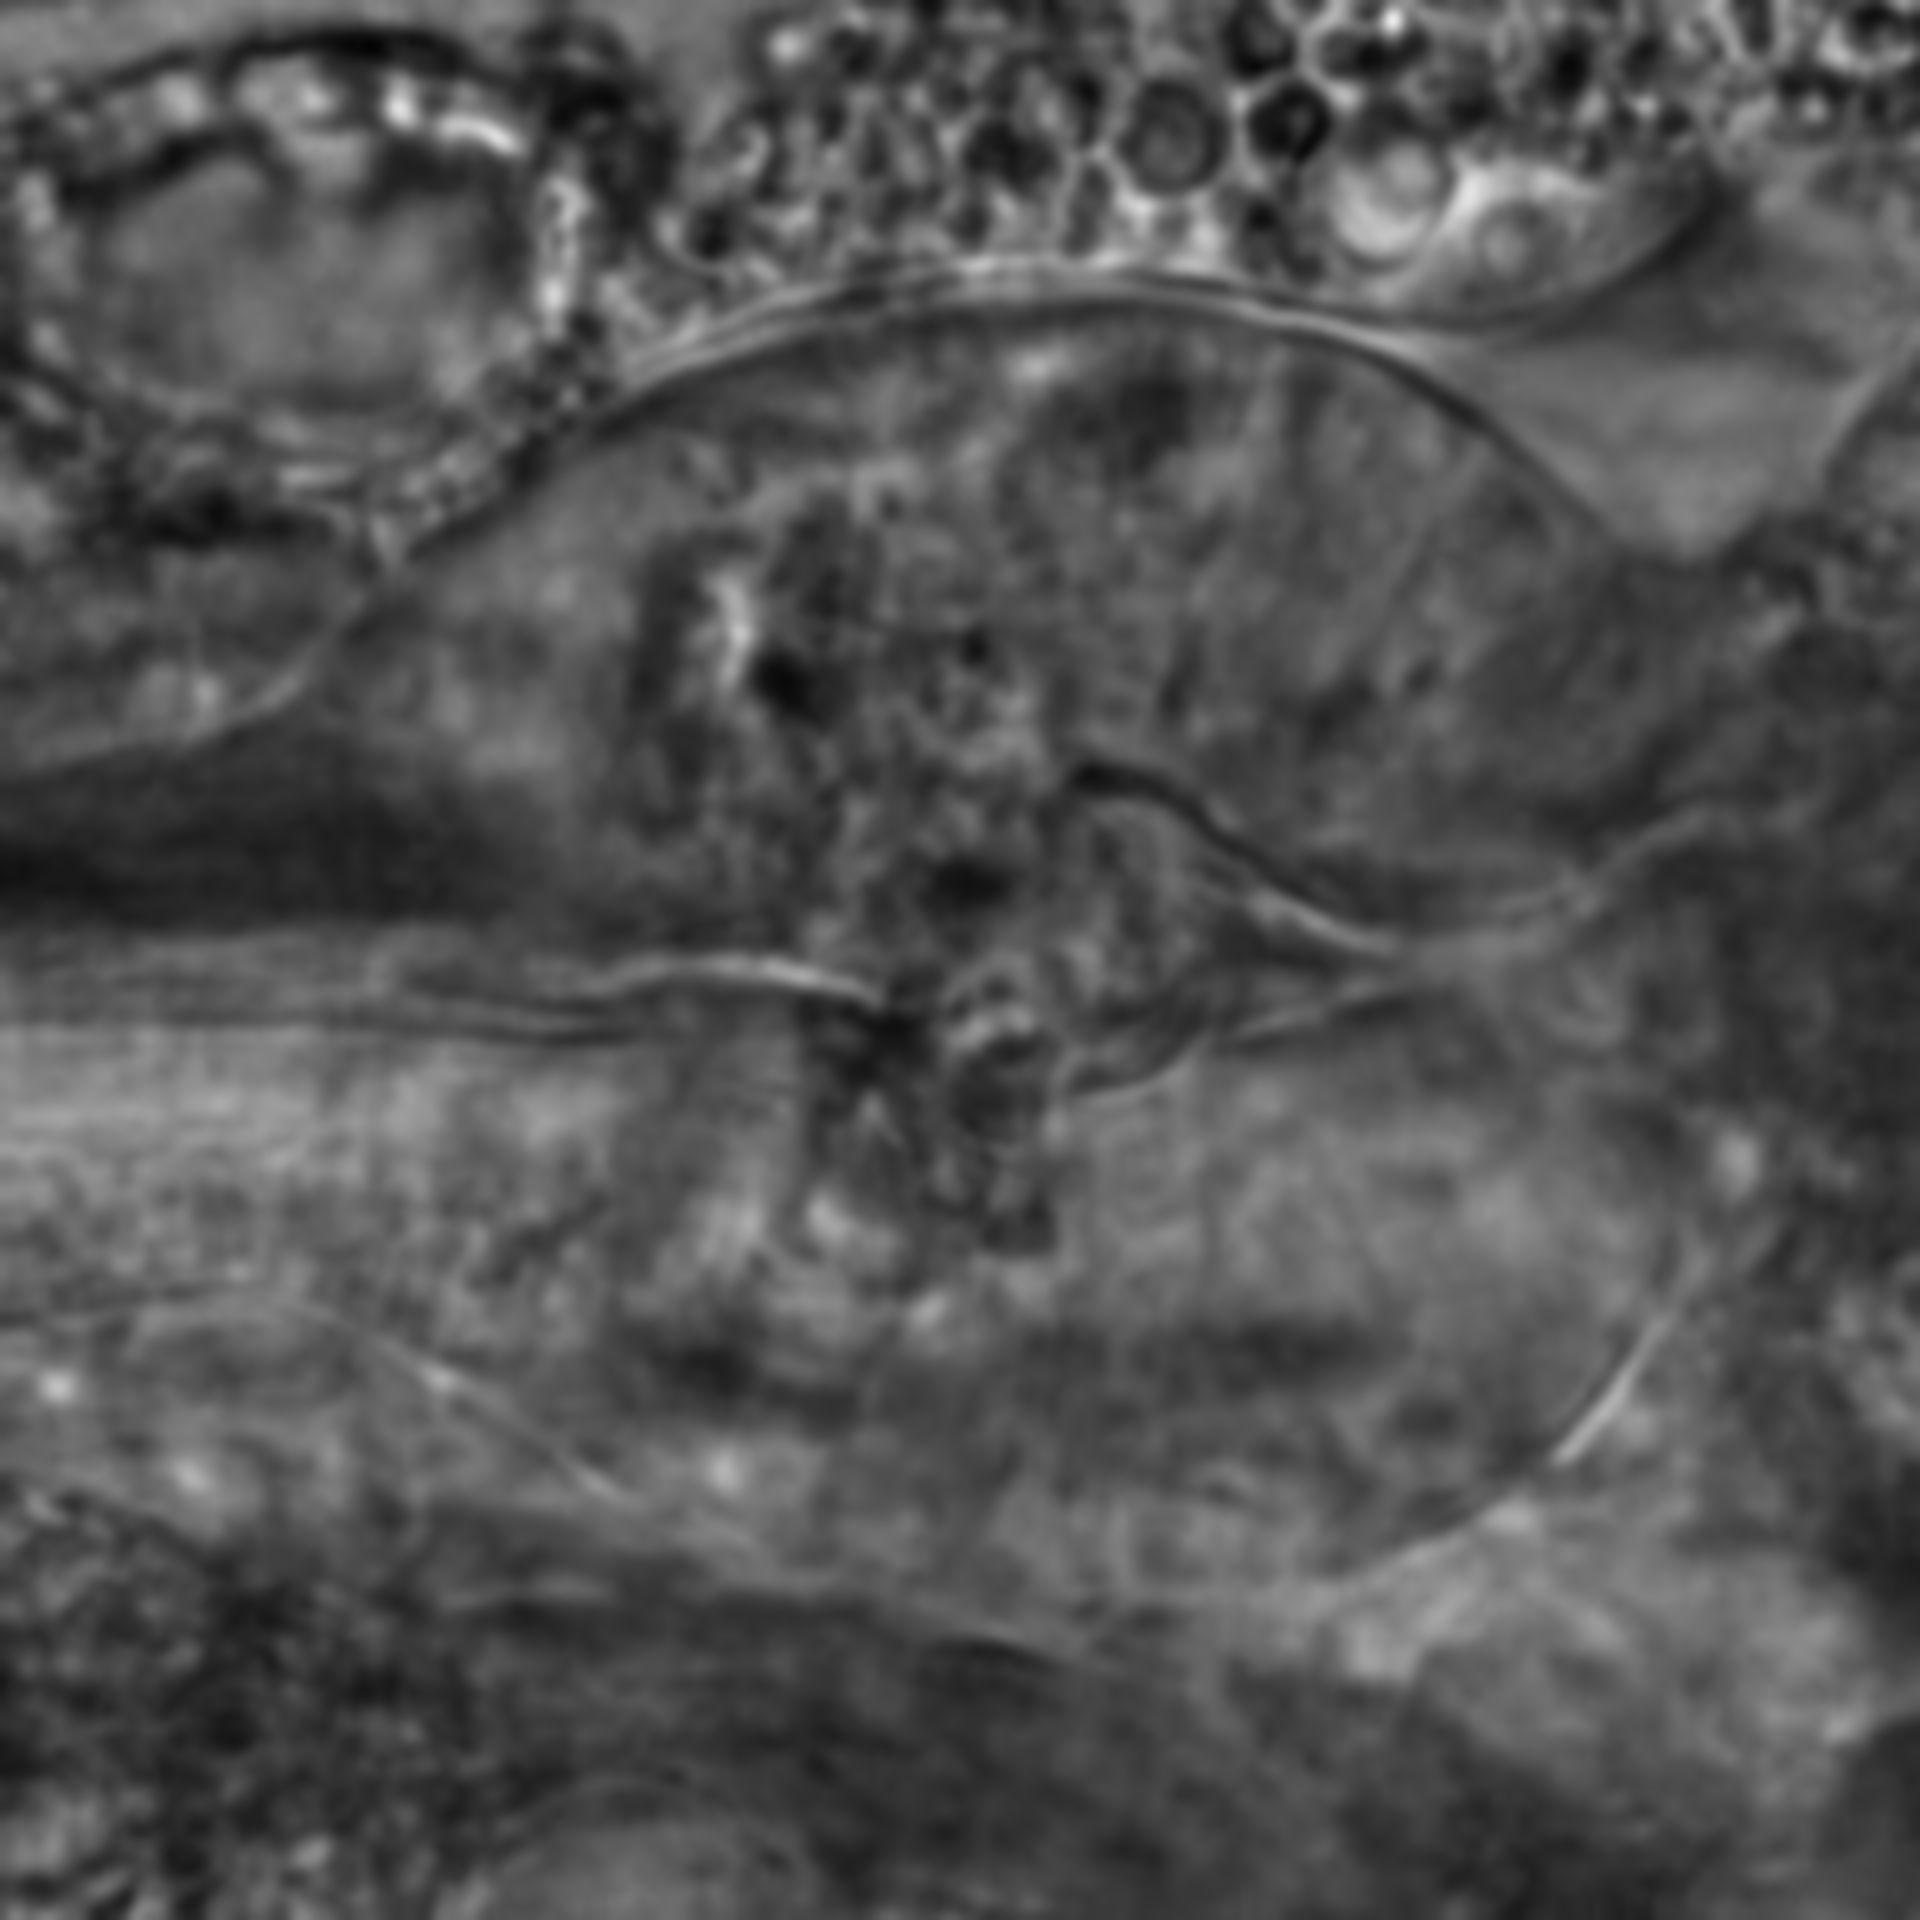 Caenorhabditis elegans - CIL:2302